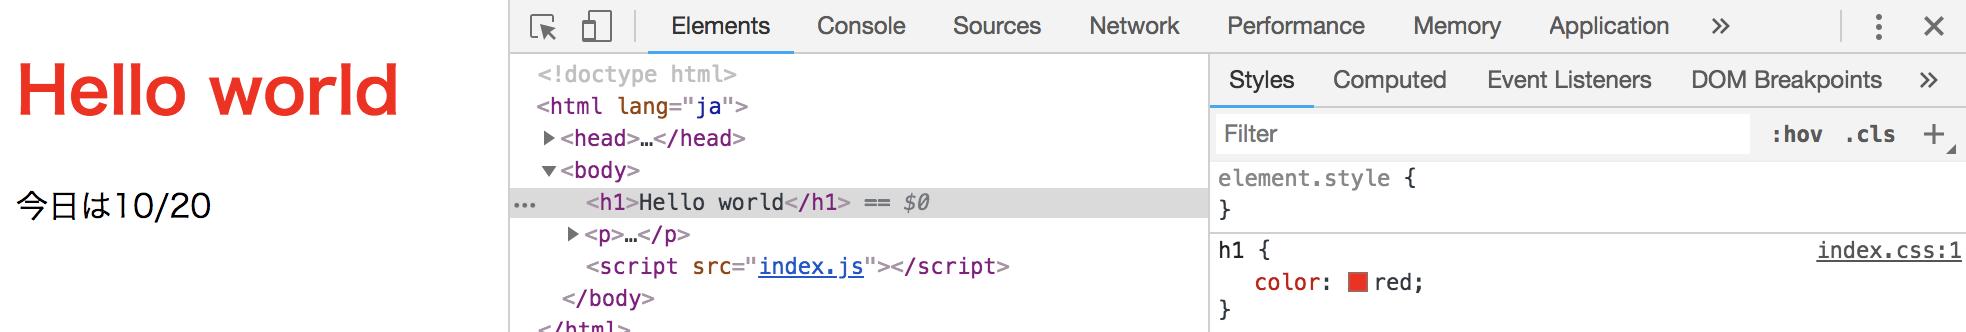 Elementsタブのindex.cssの部分をクリック